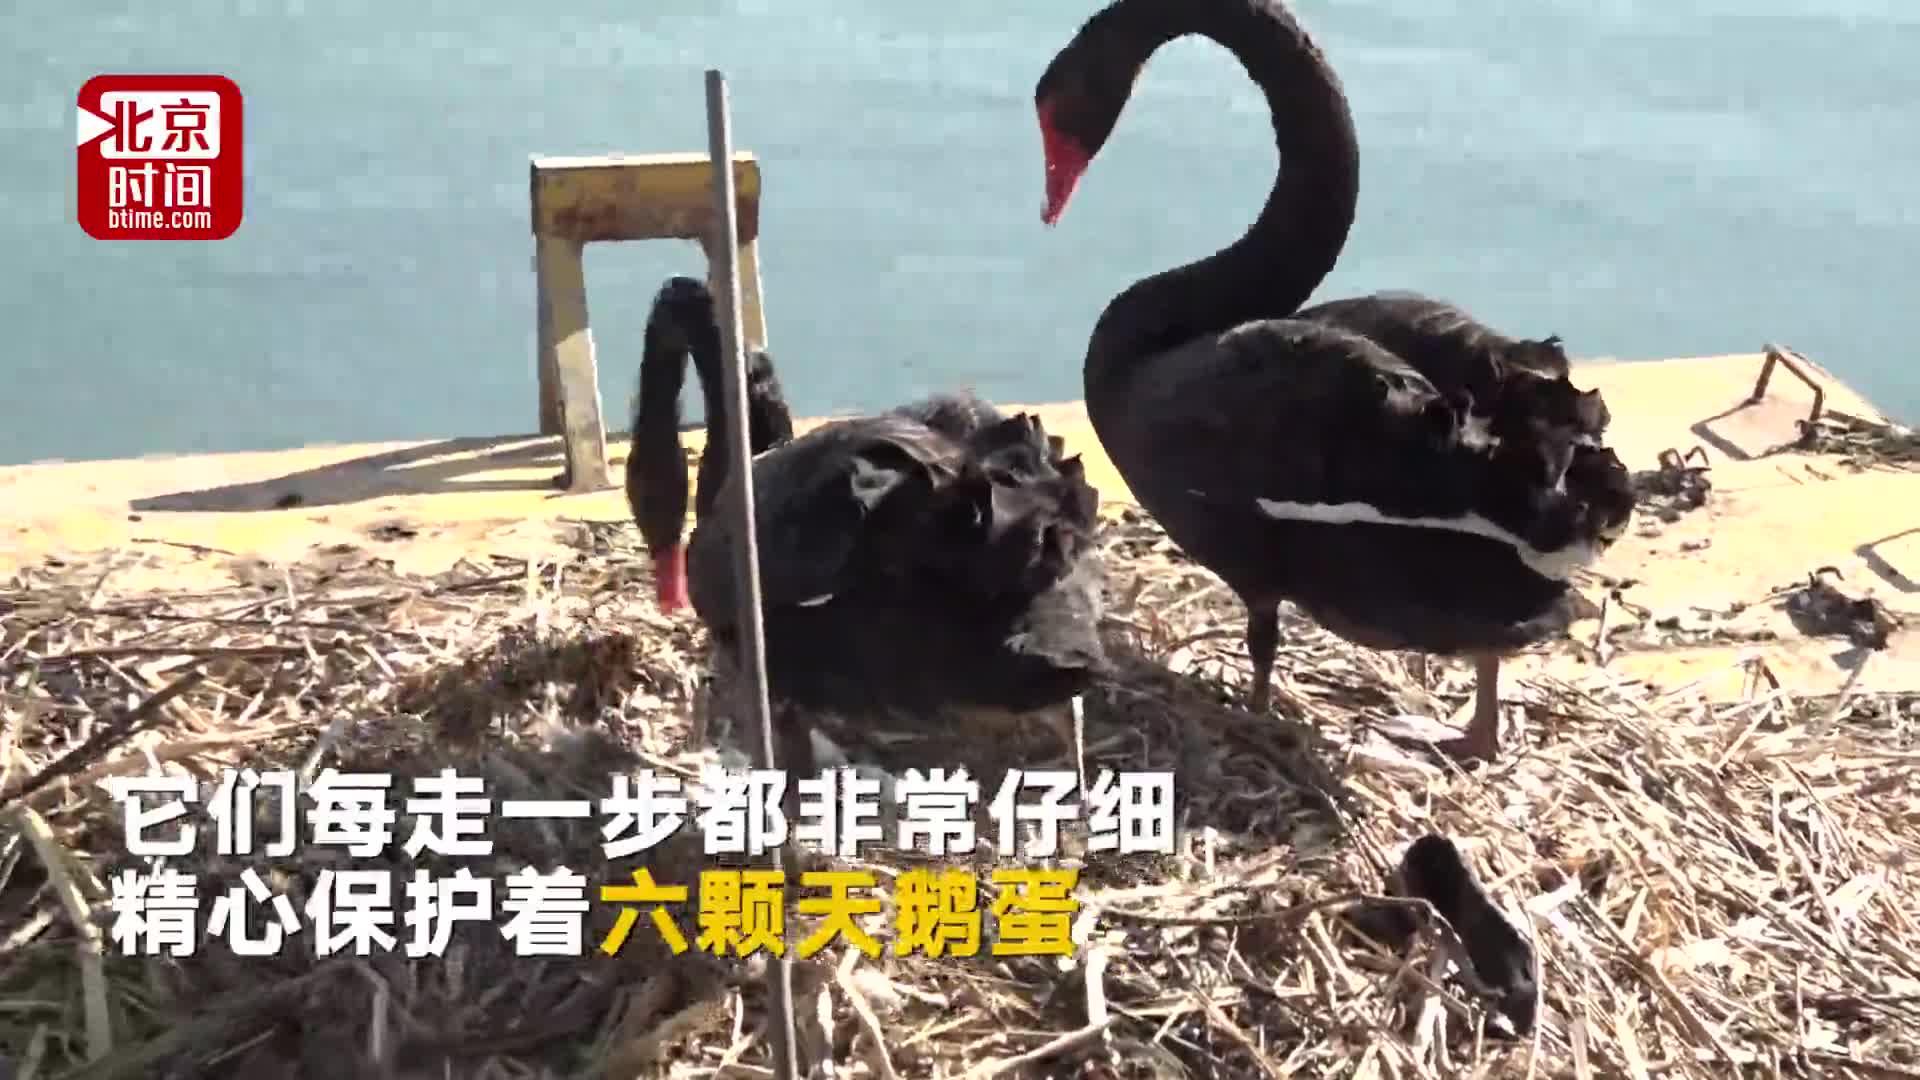 [视频]黑天鹅围着孵蛋妻子游3圈:亲爱的,你辛苦了